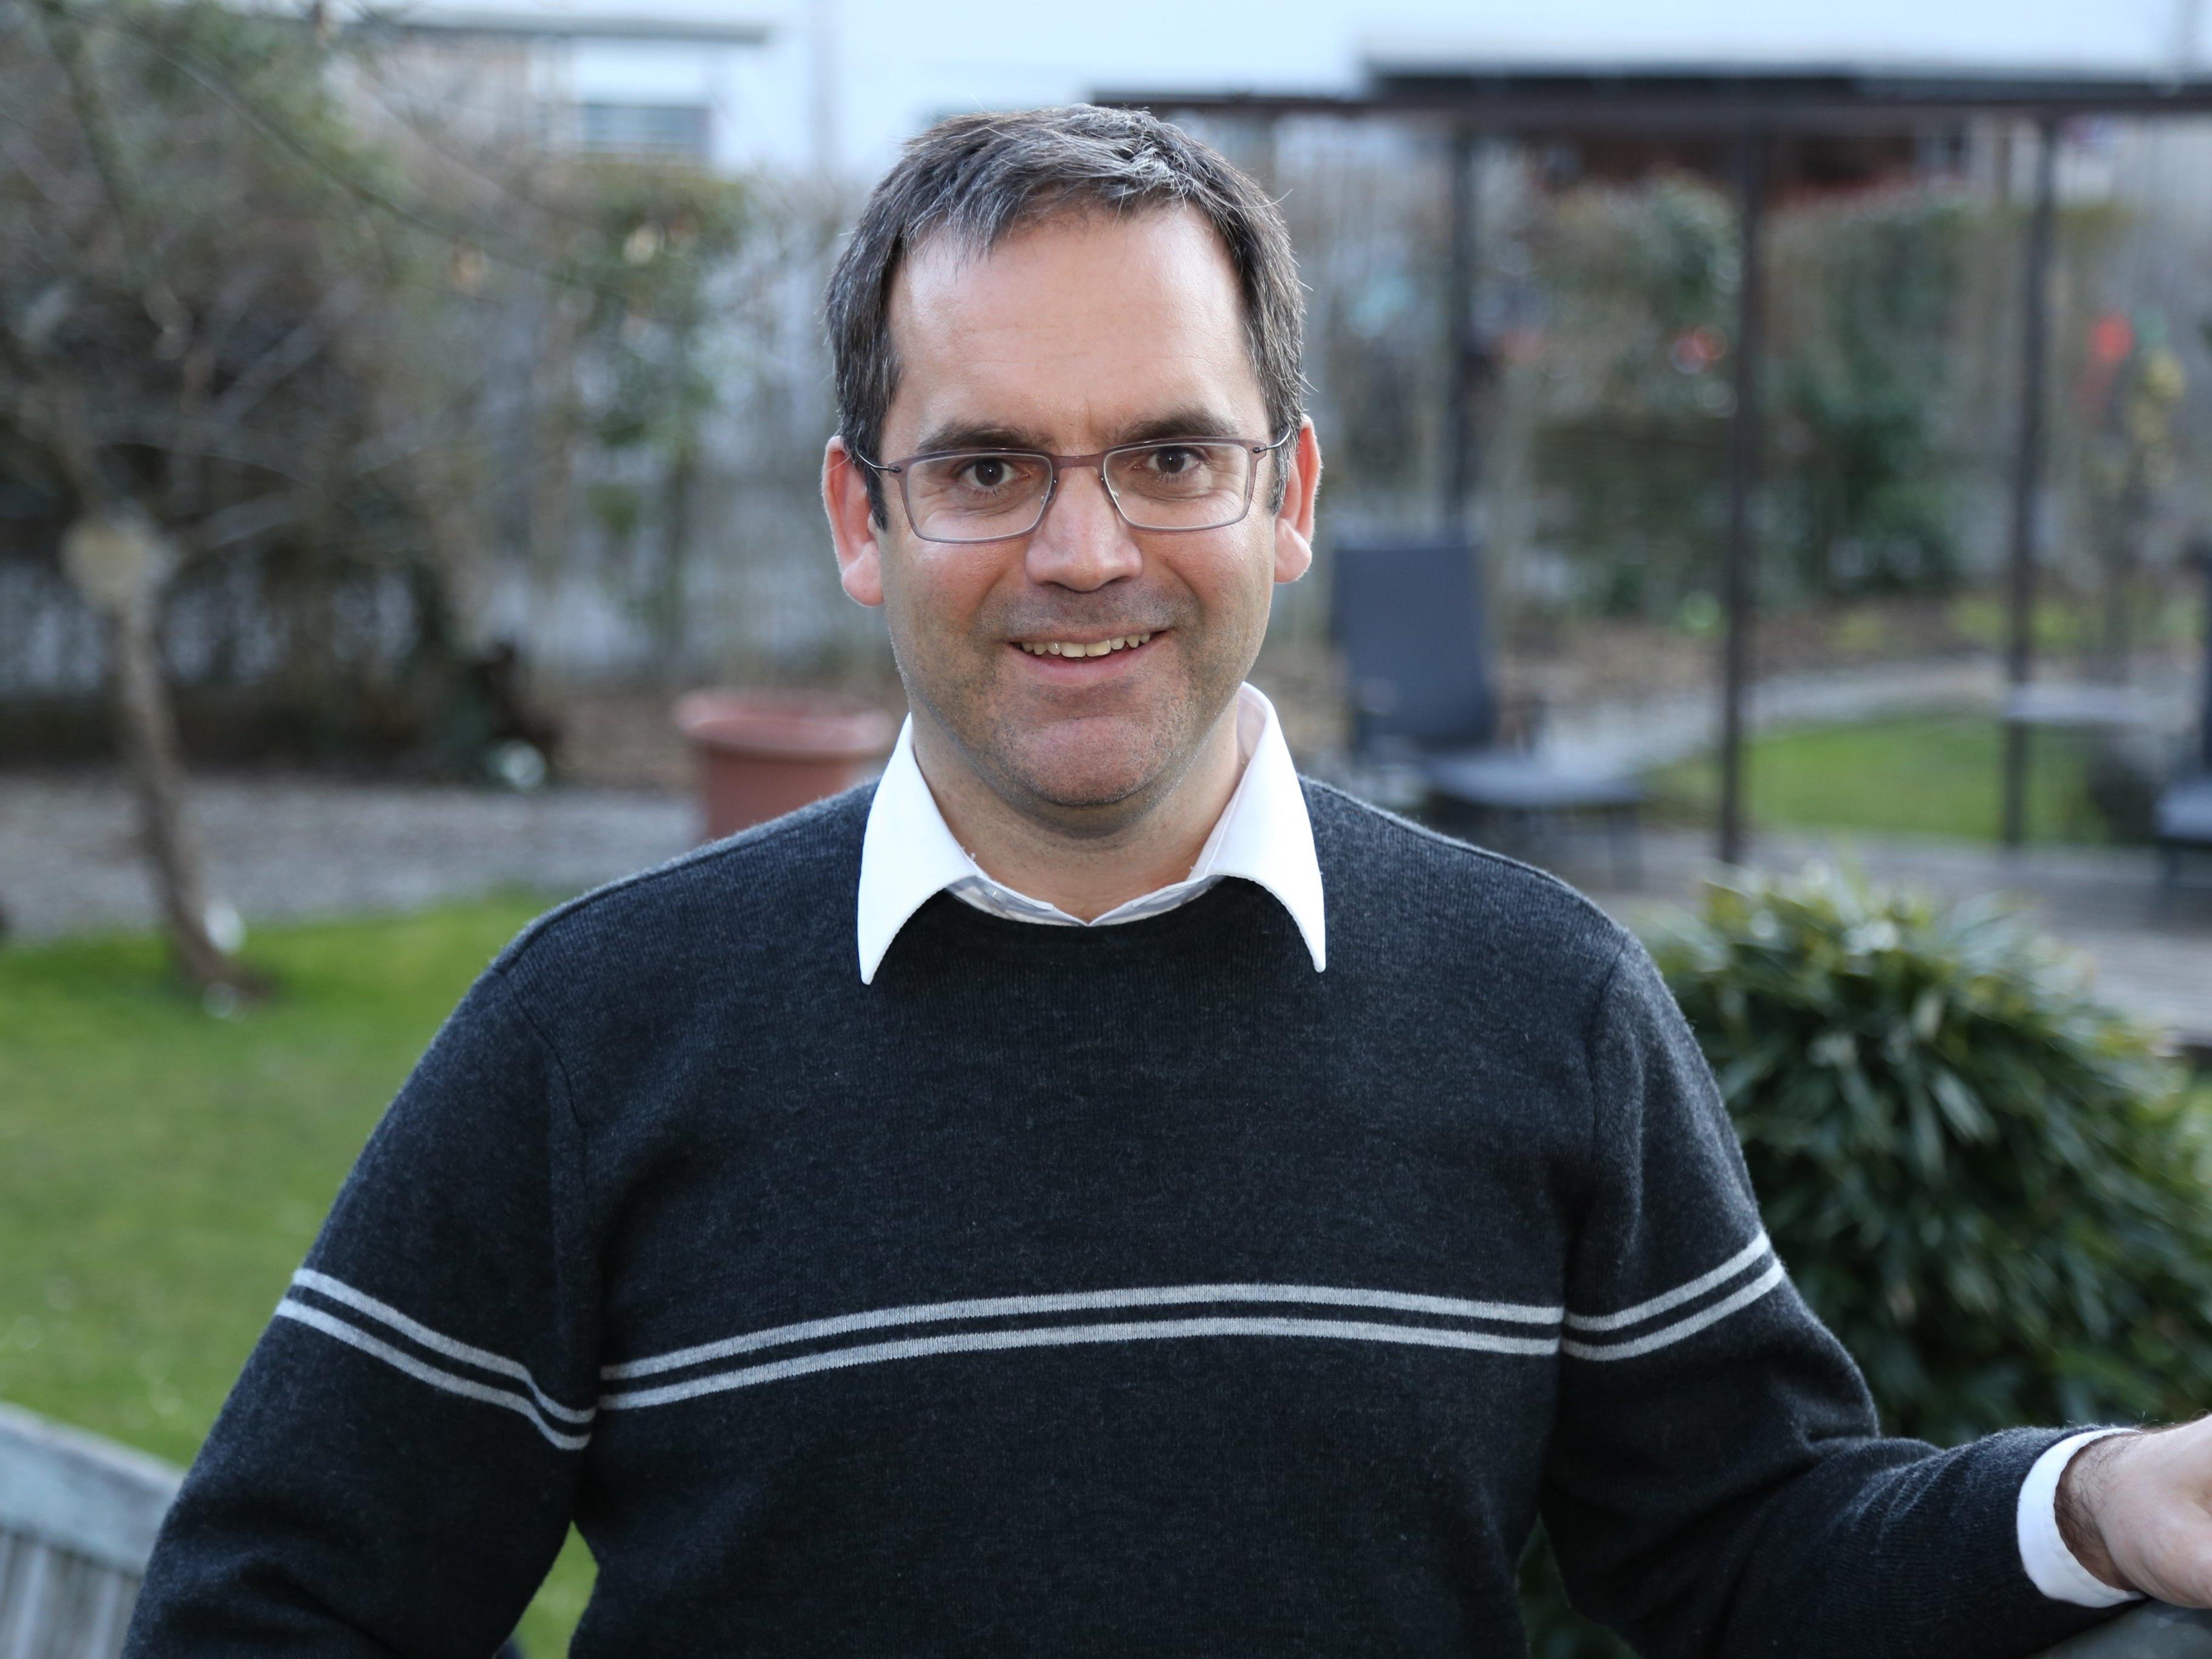 Ortsvorsteher Peter Stieger lobt die Vereine in Gisingen, die sich unermüdlich für ihren Nachwuchs einsetzen.